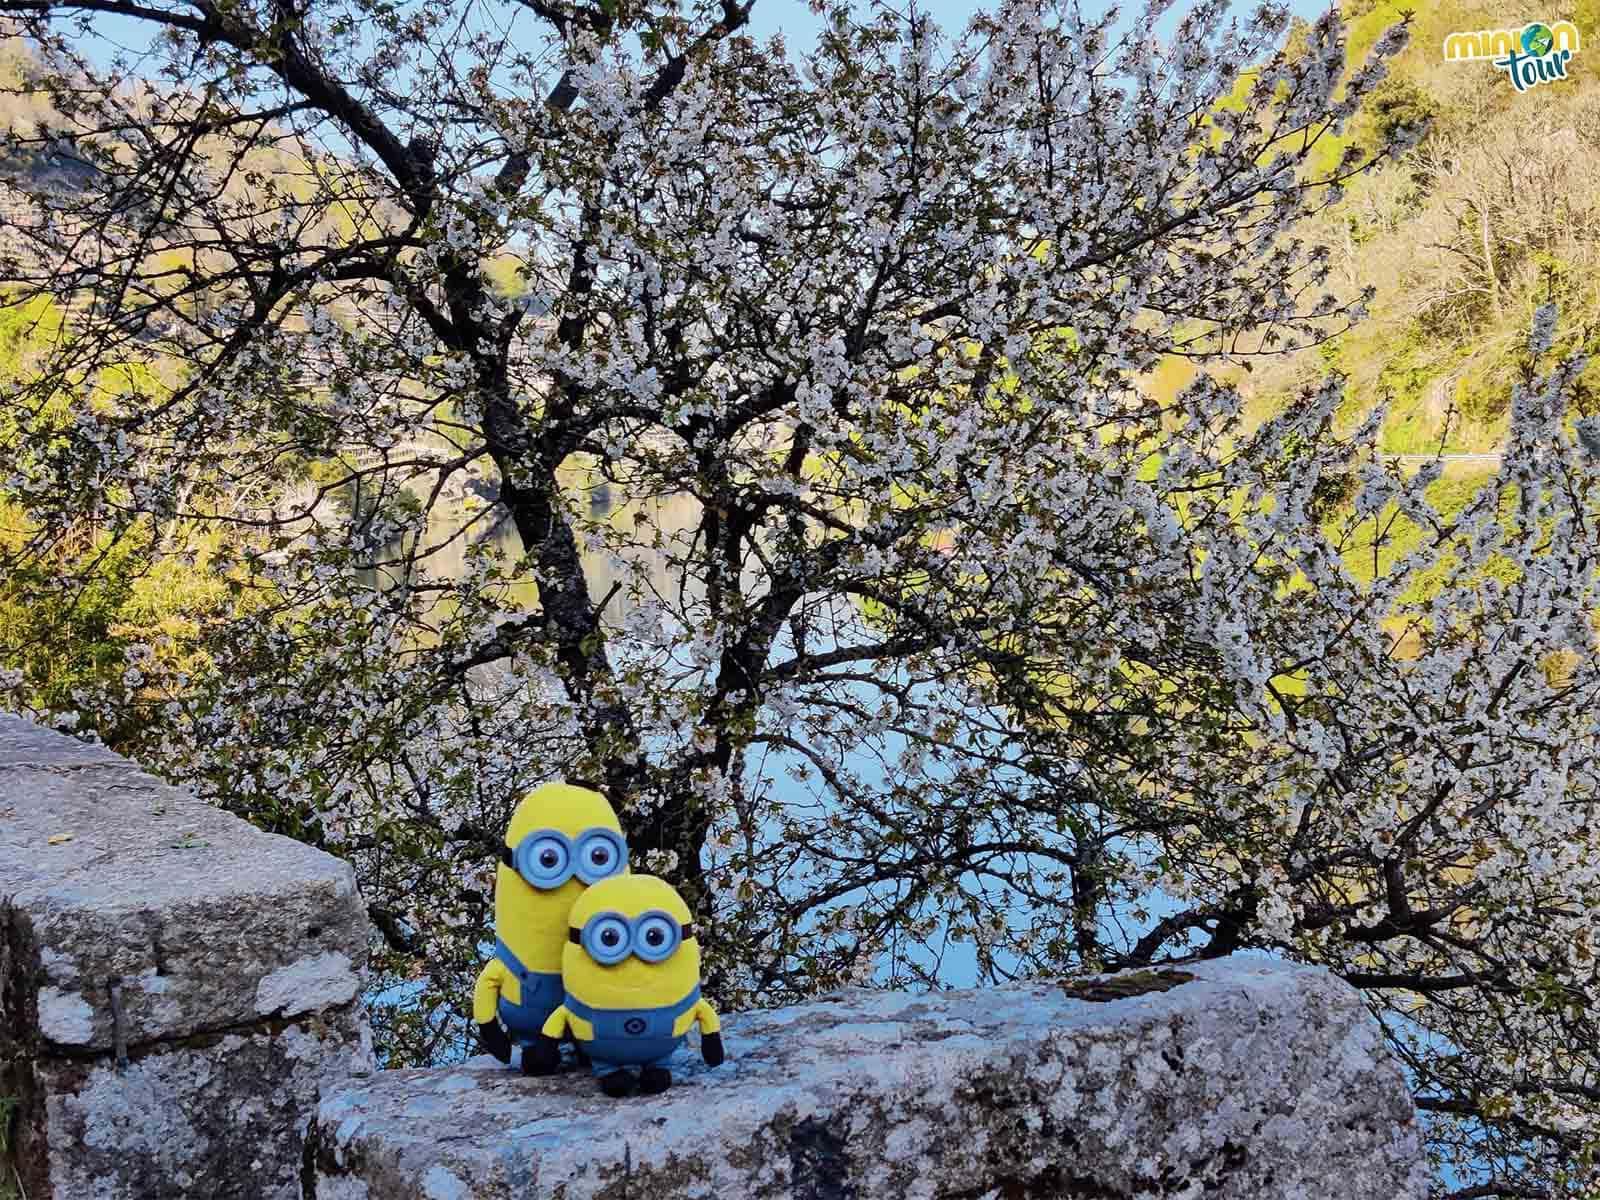 Minions visitando la floración de los cerezos de Belesar